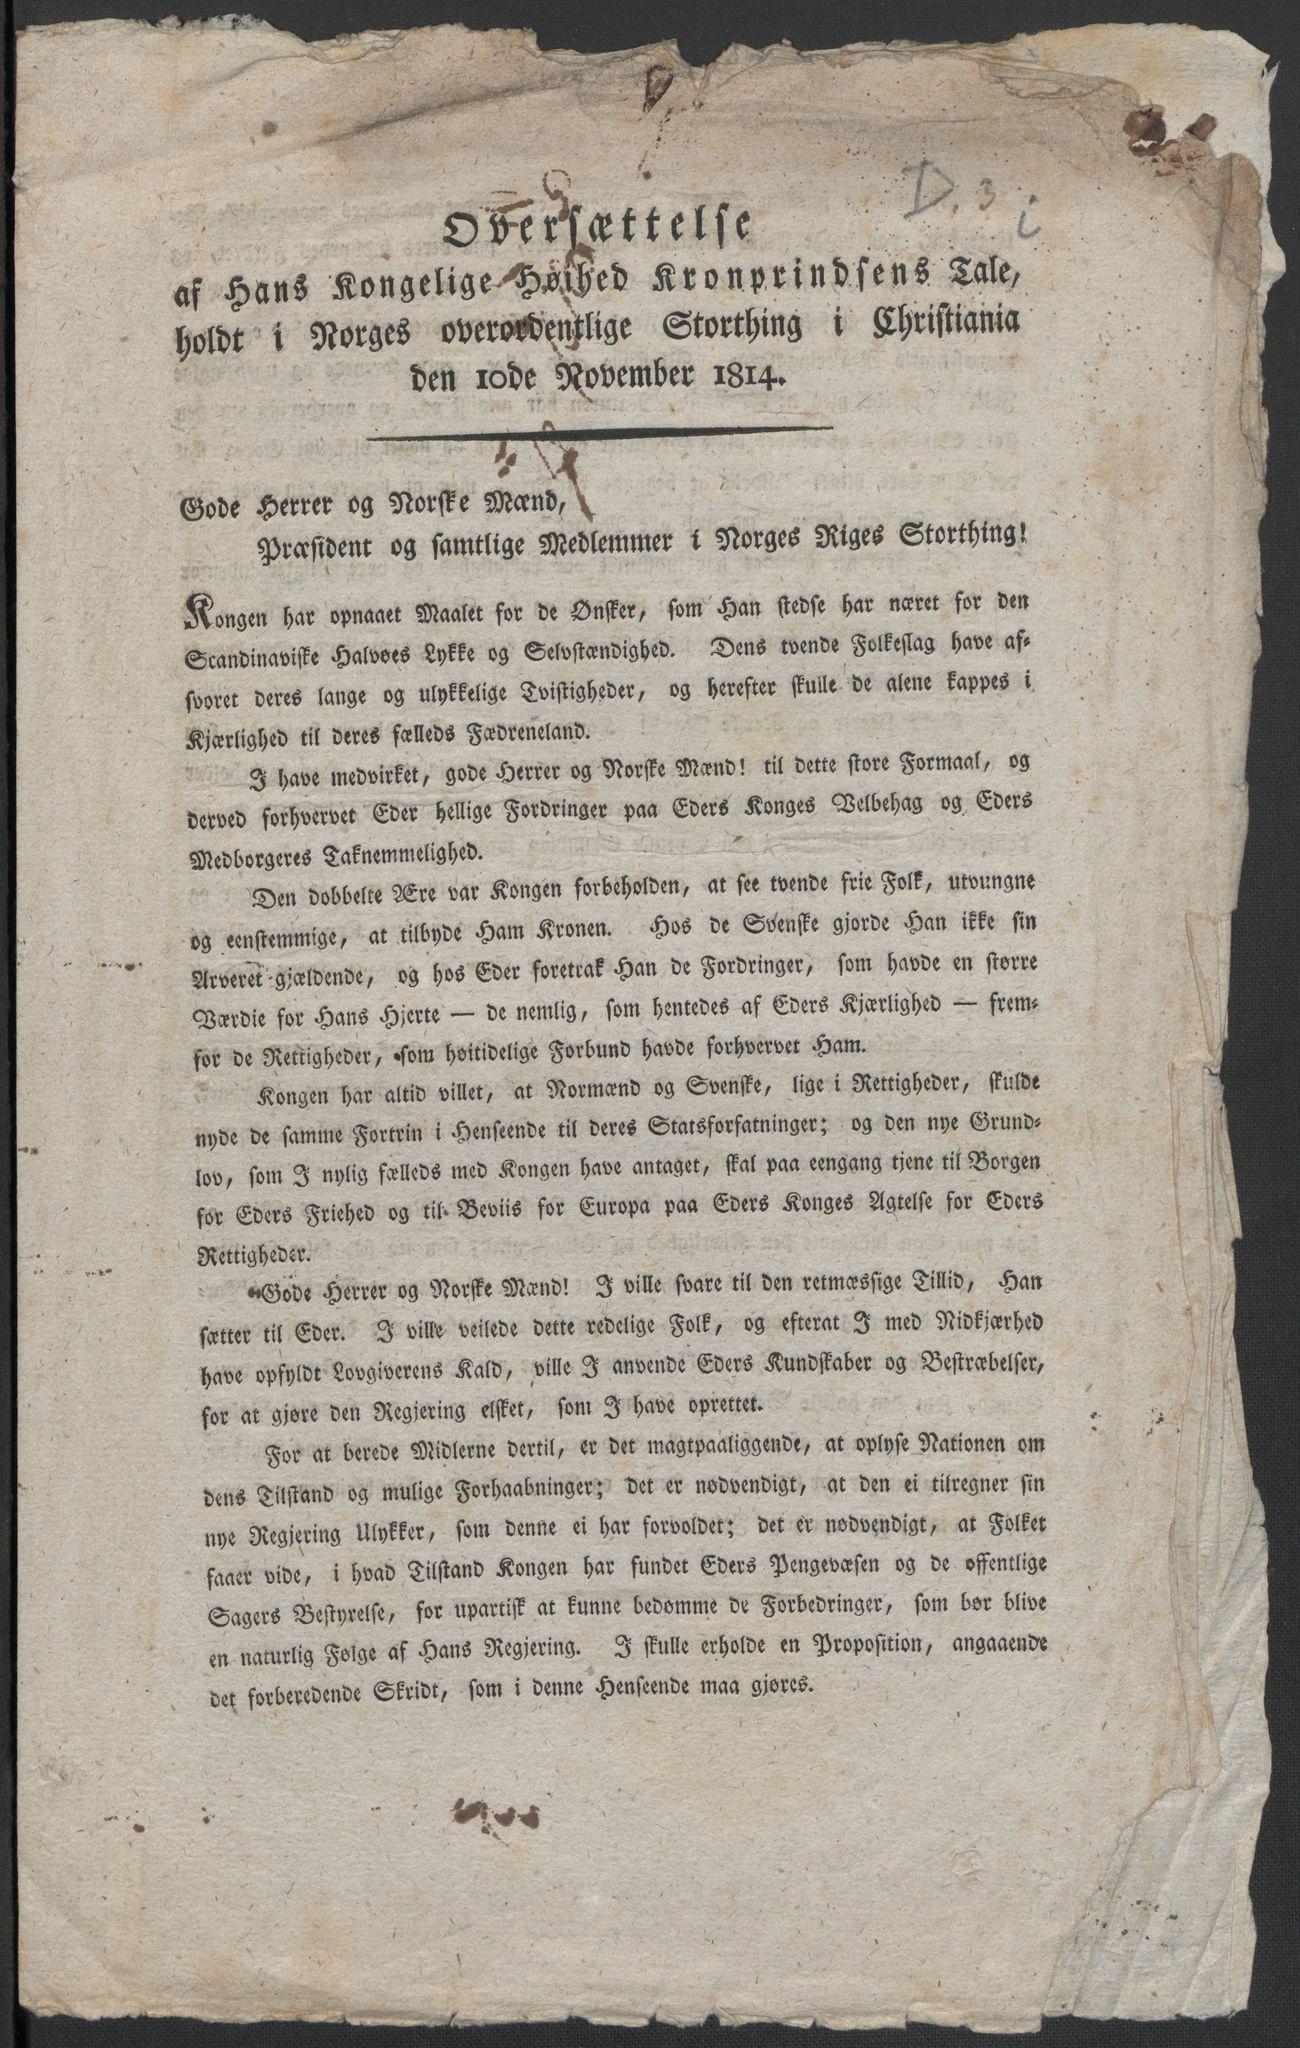 RA, Christie, Wilhelm Frimann Koren, F/L0004, 1814, s. 218